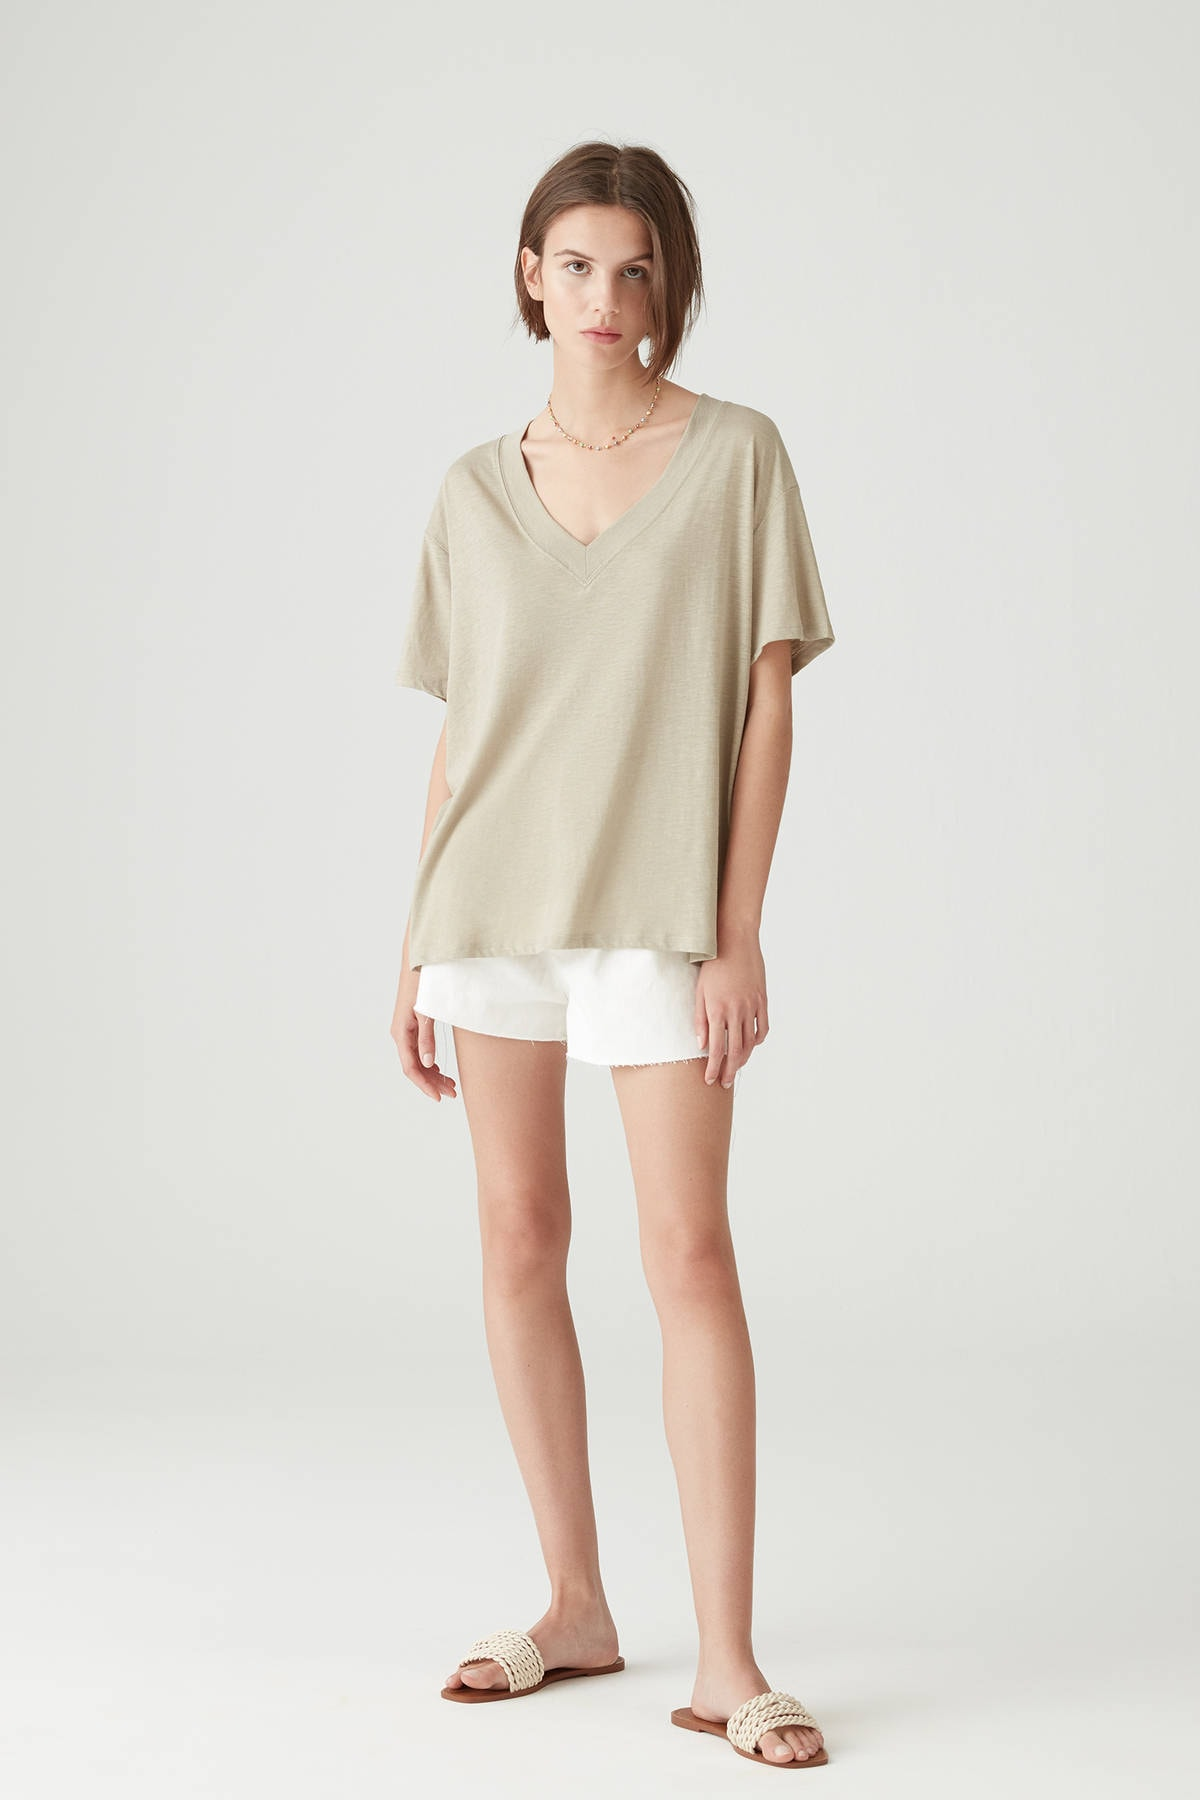 Pull & Bear Kadın Açık Haki Basic Oversize Düğümlü Örgü T-Shirt 05236324 1